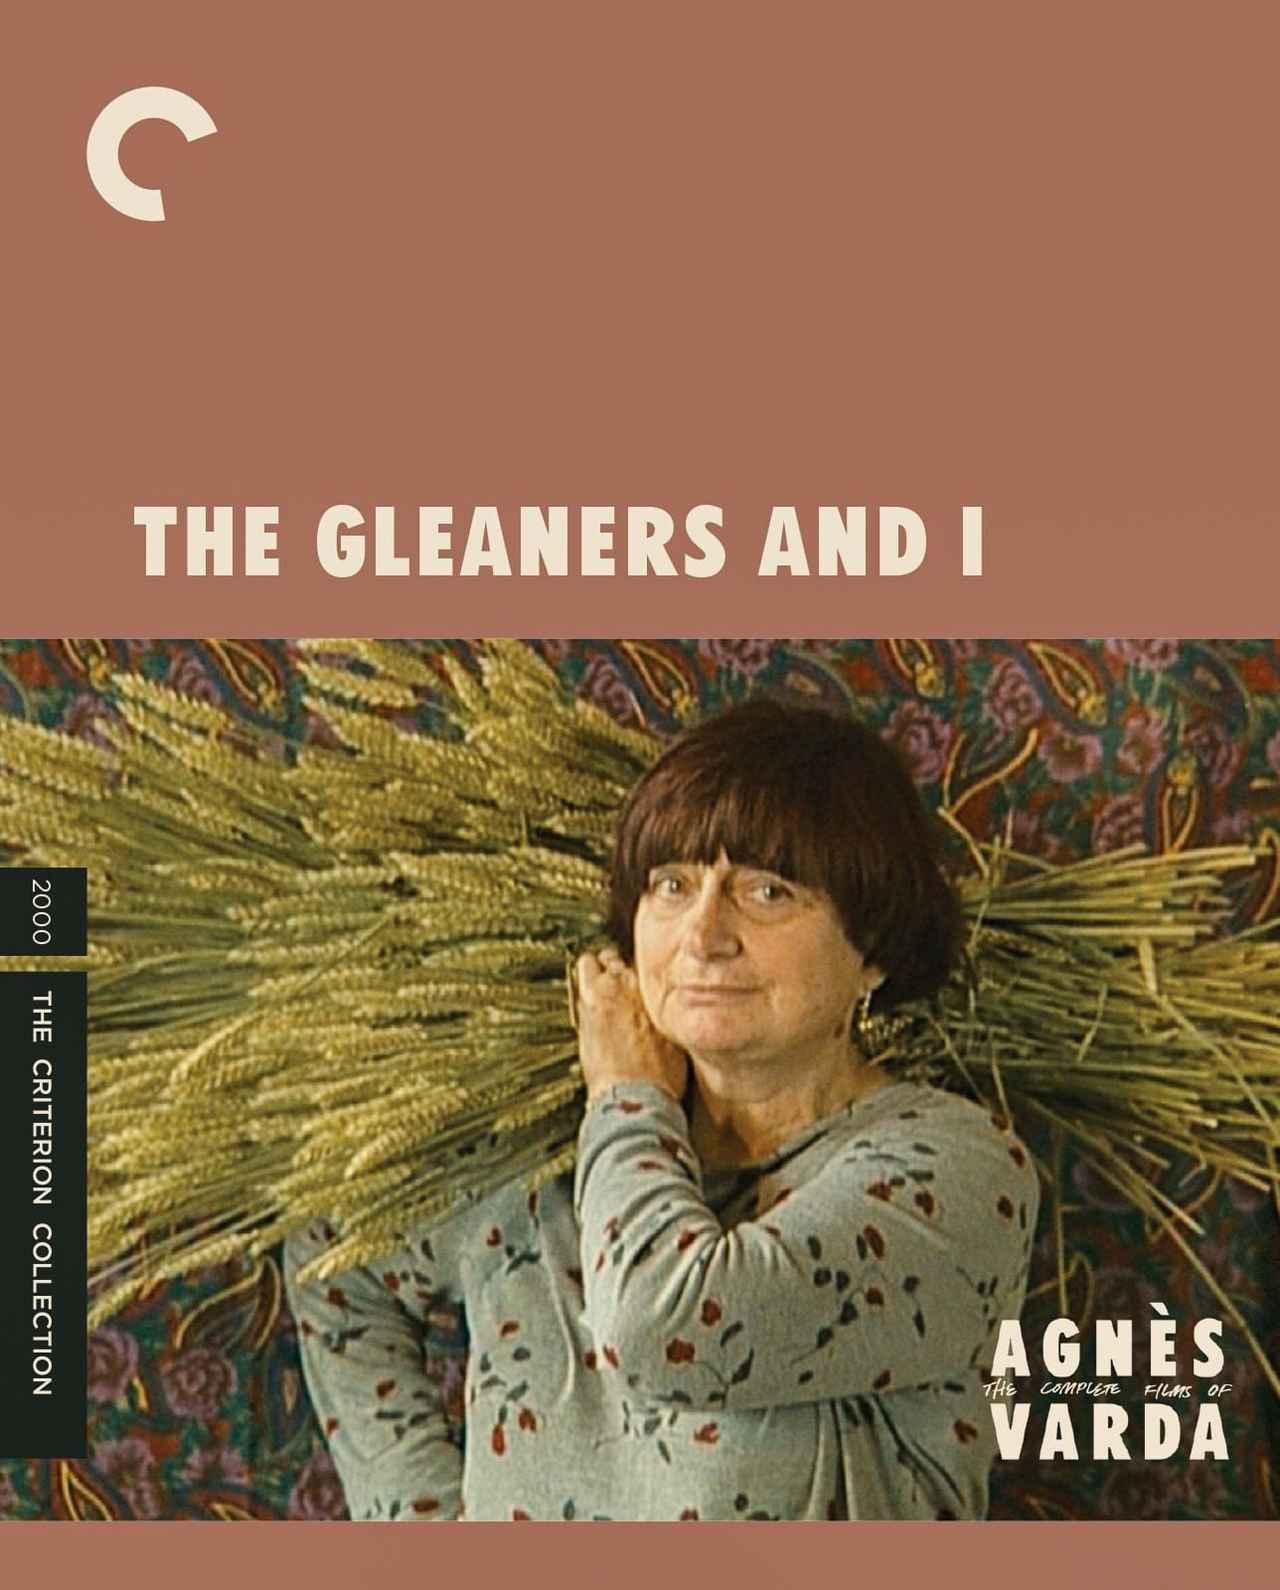 画像: LES GLANEURS ET LA GLANEUSE aka. The Gleaners and I (2000) 落穂拾い